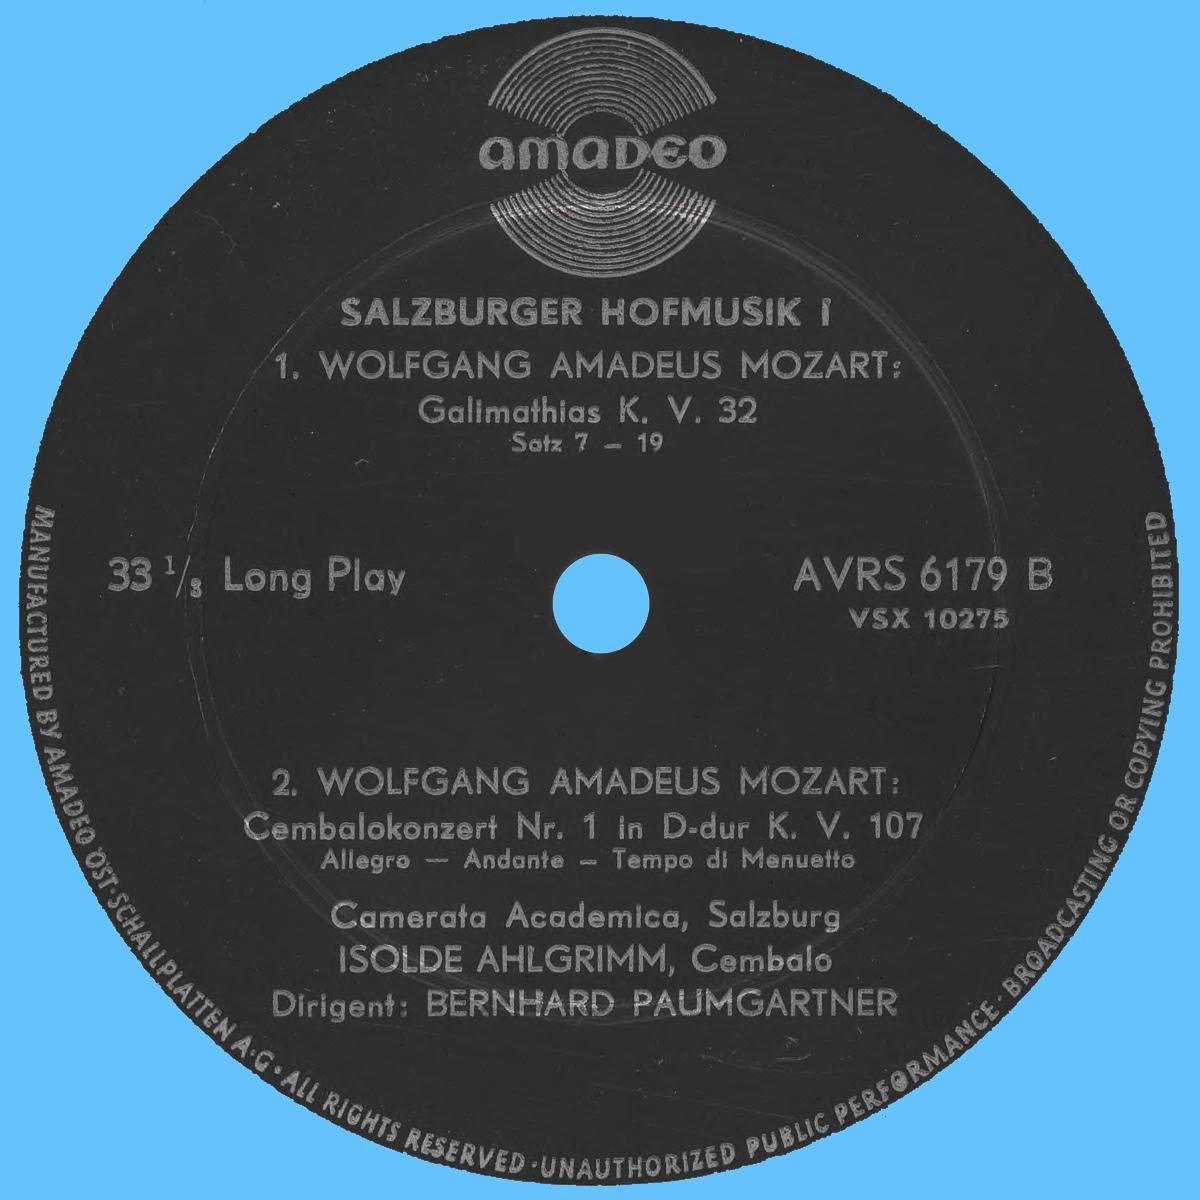 Étiquette verso du disque Amadeo AVRS 6179